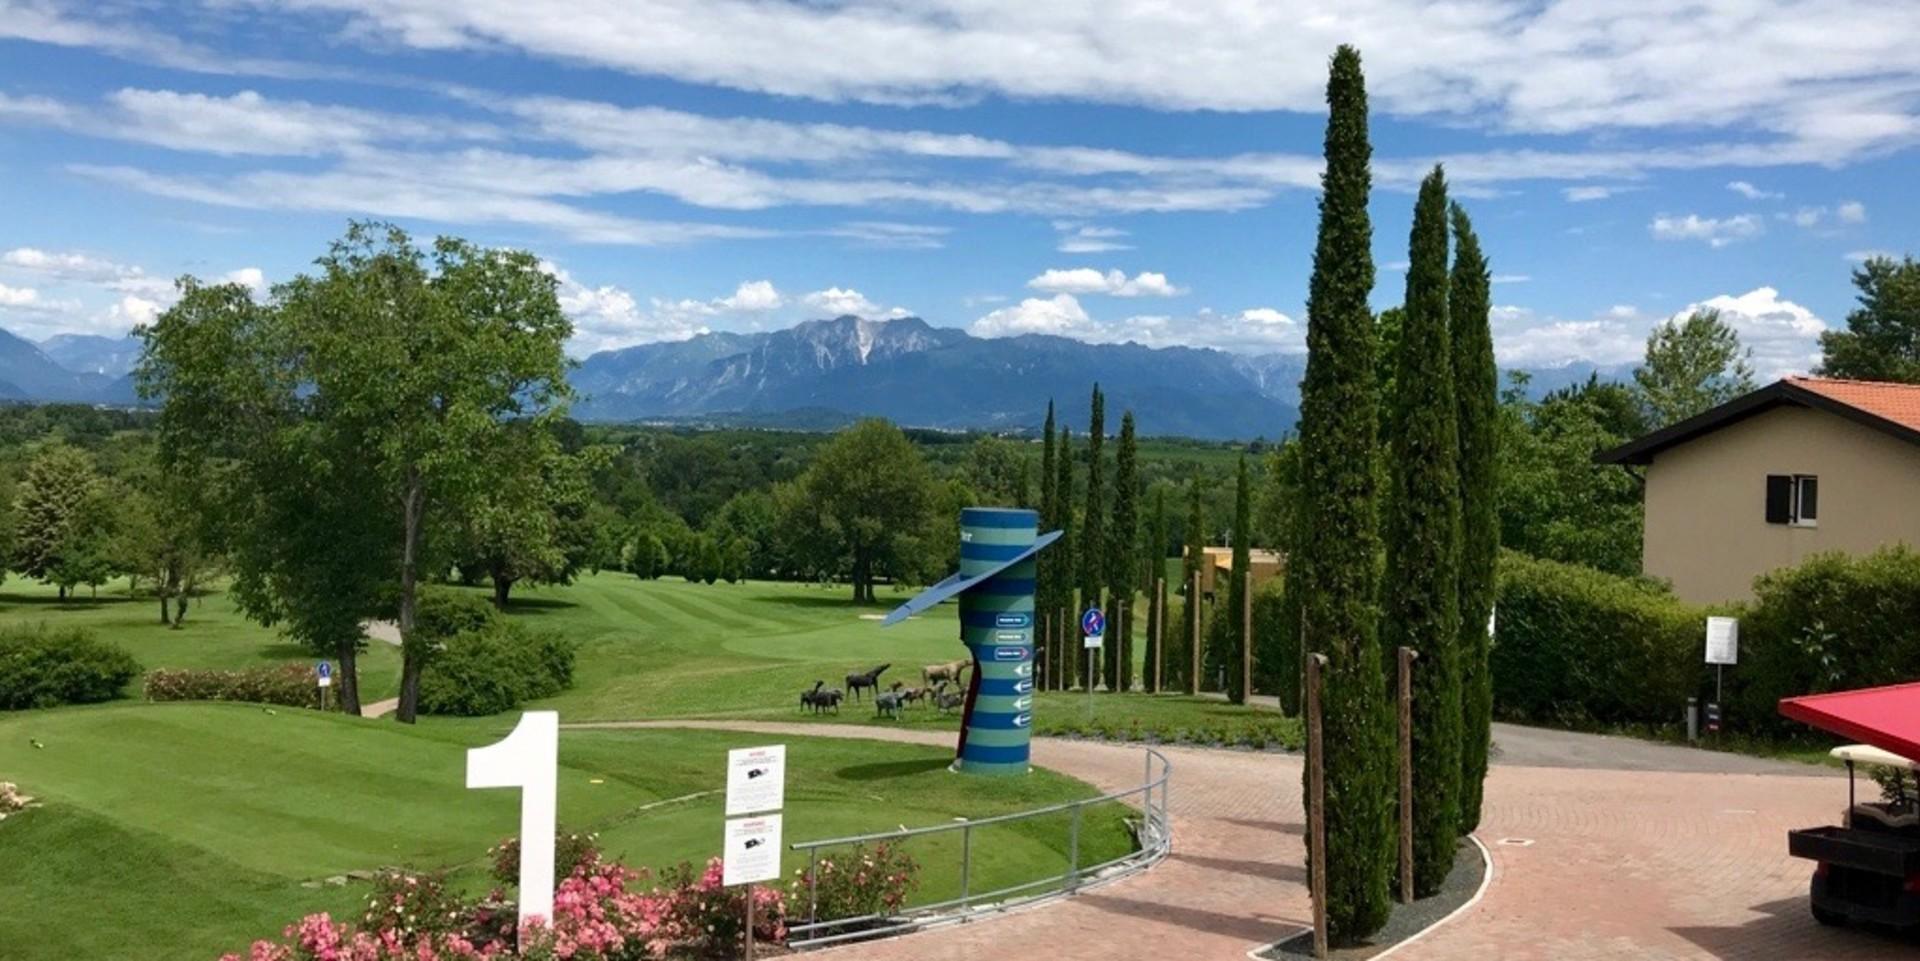 Golfreisebericht über Italien, Udine - Hotel Villaverde Golf & Resort